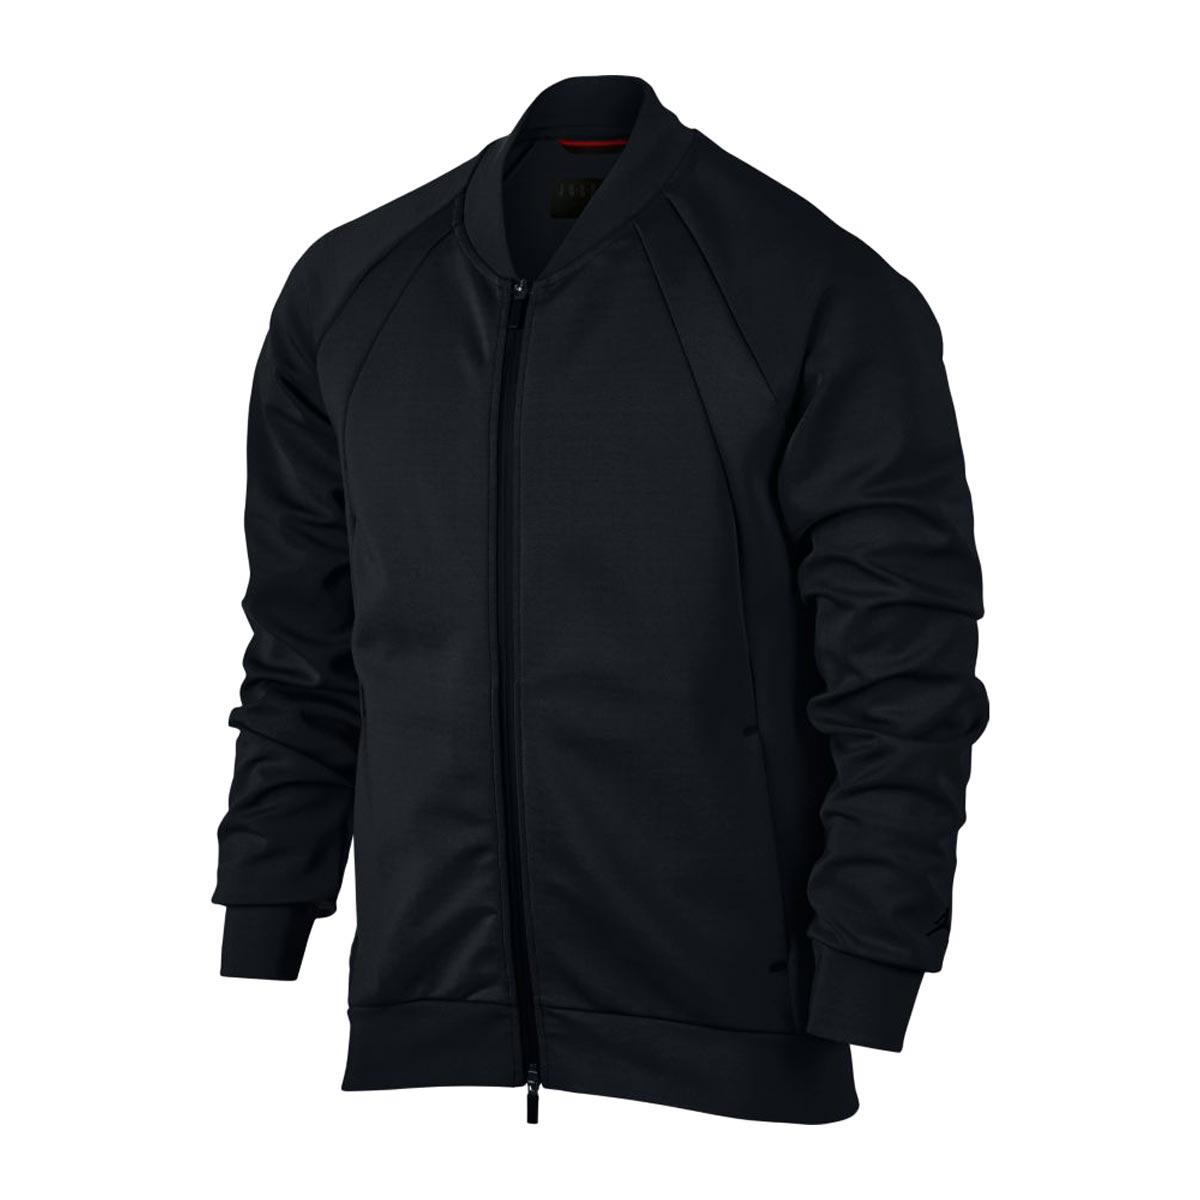 d4d78afbb6925c NIKE JSW FLIGHT TECH JKT (BLACK BLACK) (Nike Jordan JSW flight technical  center jacket)